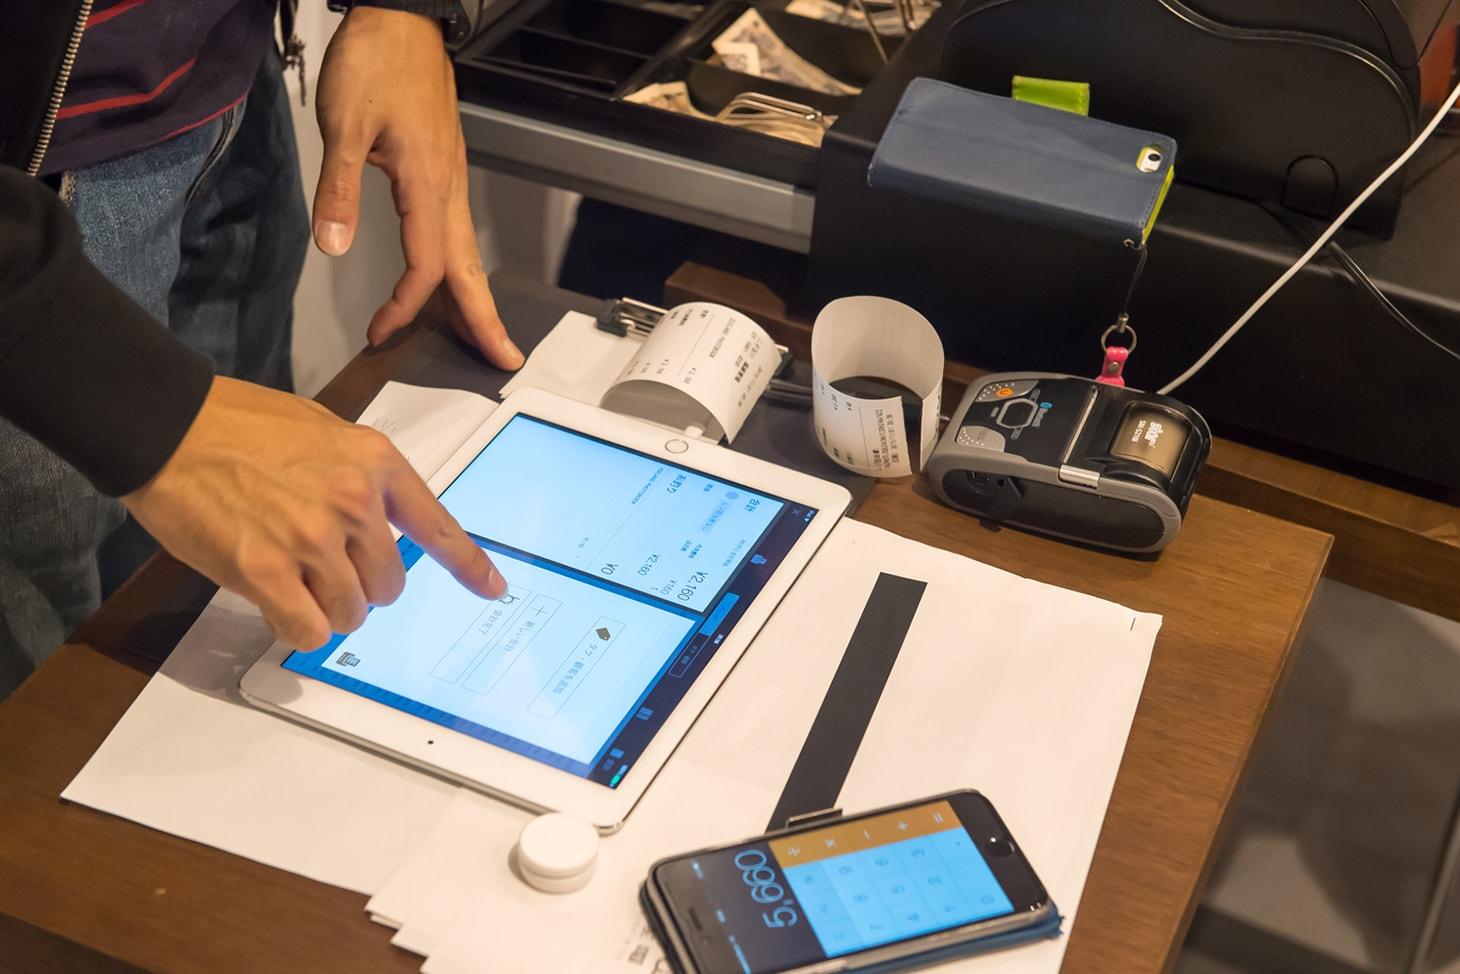 iPadでユビレジを操作するスタッフの写真